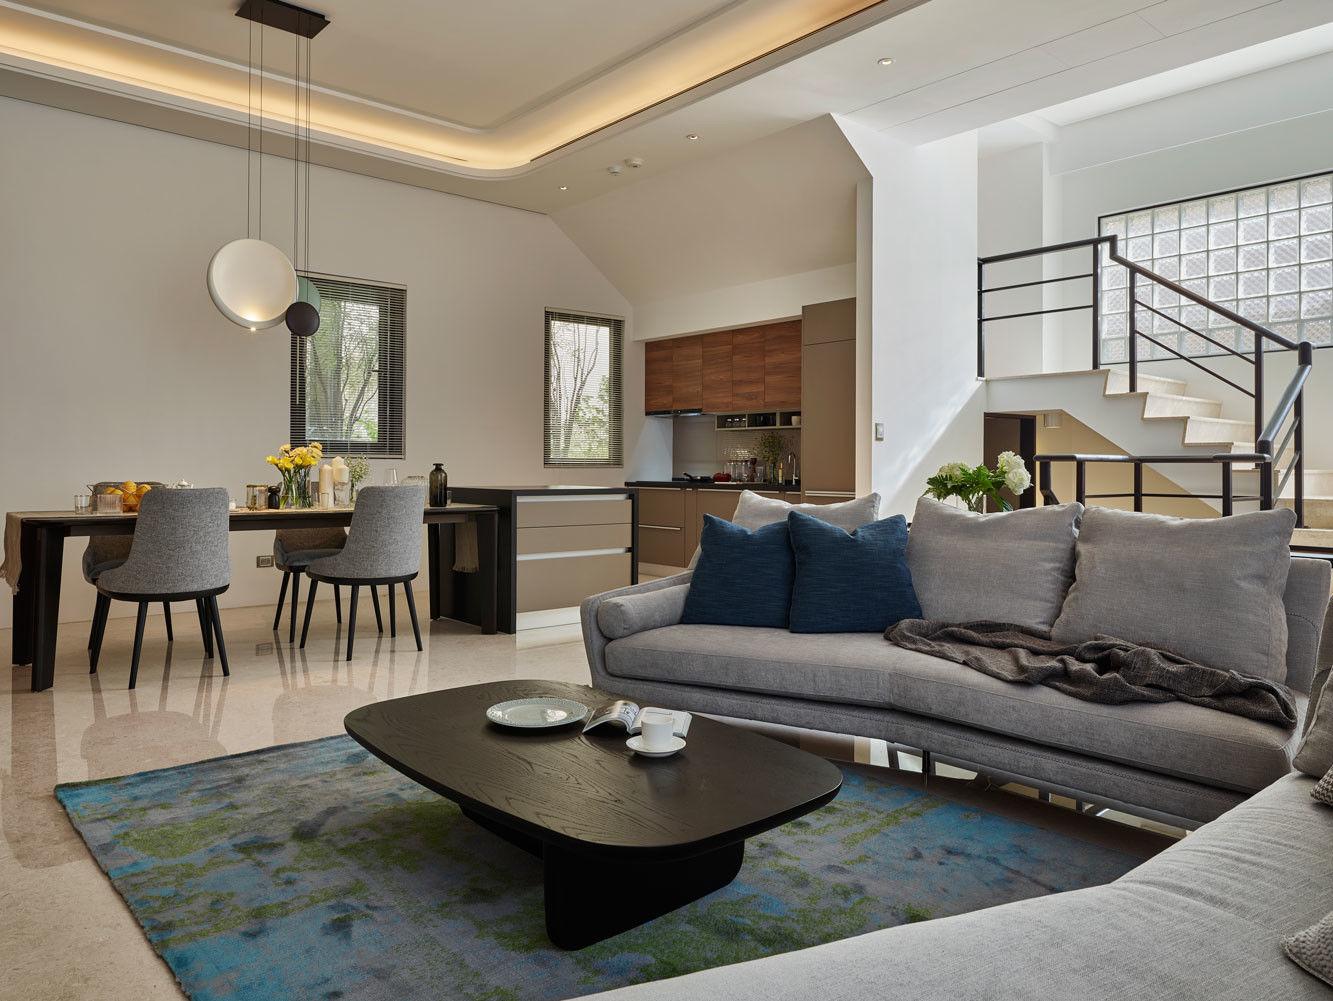 分子室內裝修設計-住宅空間設計作品-客廳2